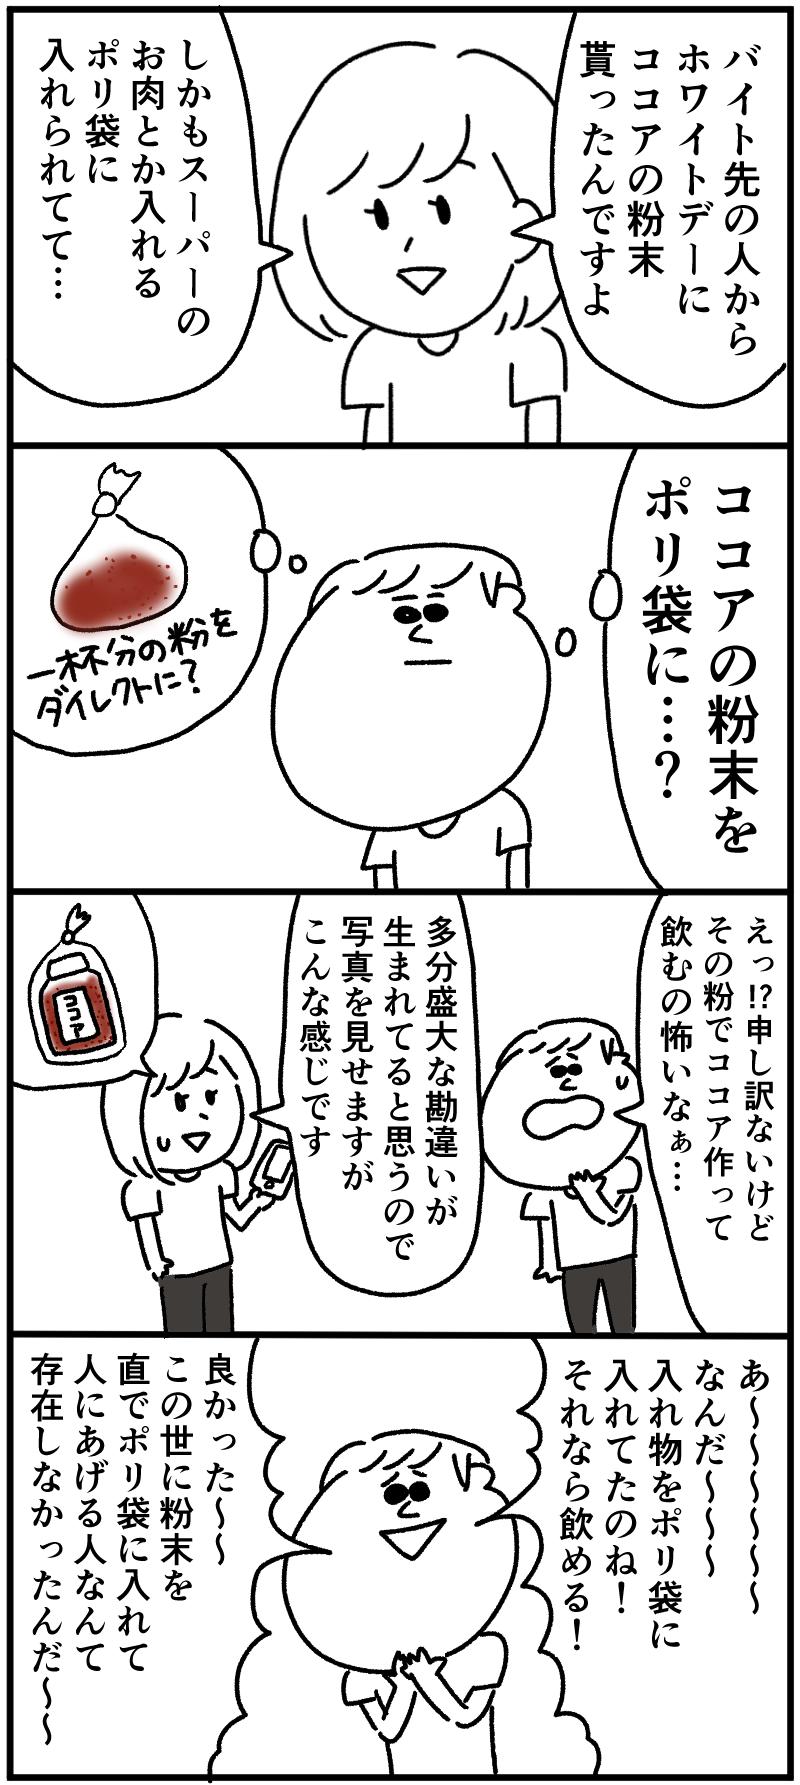 勘違いの話_f0346353_20054046.png